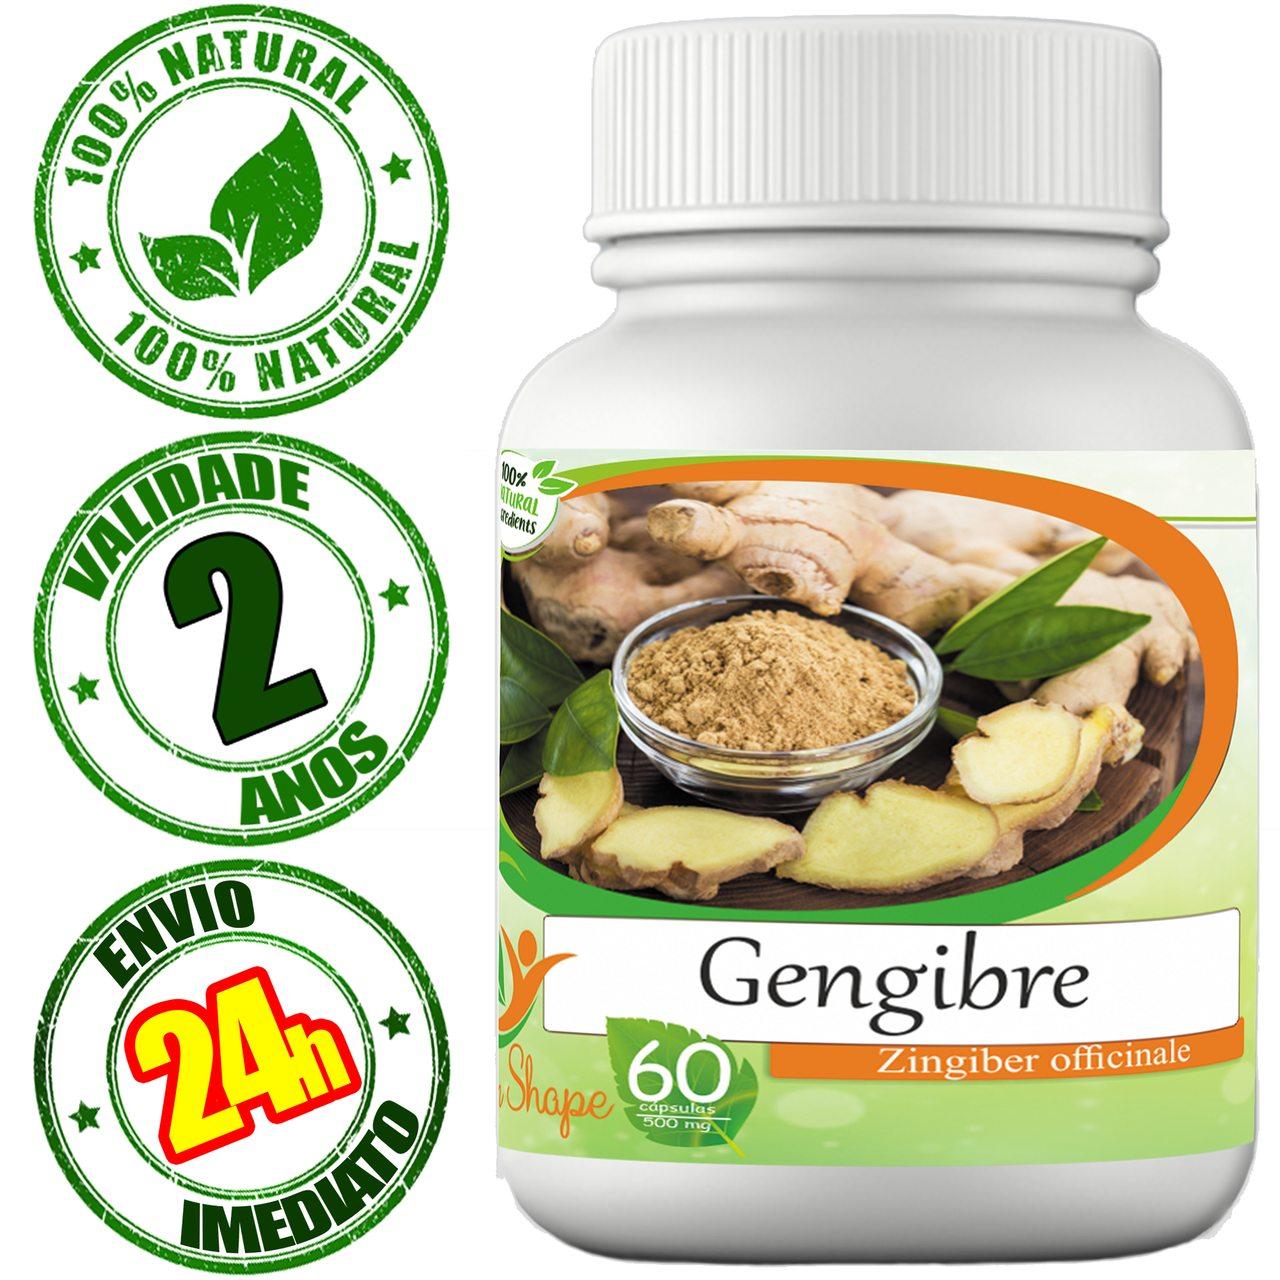 Gengibre em cápsulas - 100% Natural!